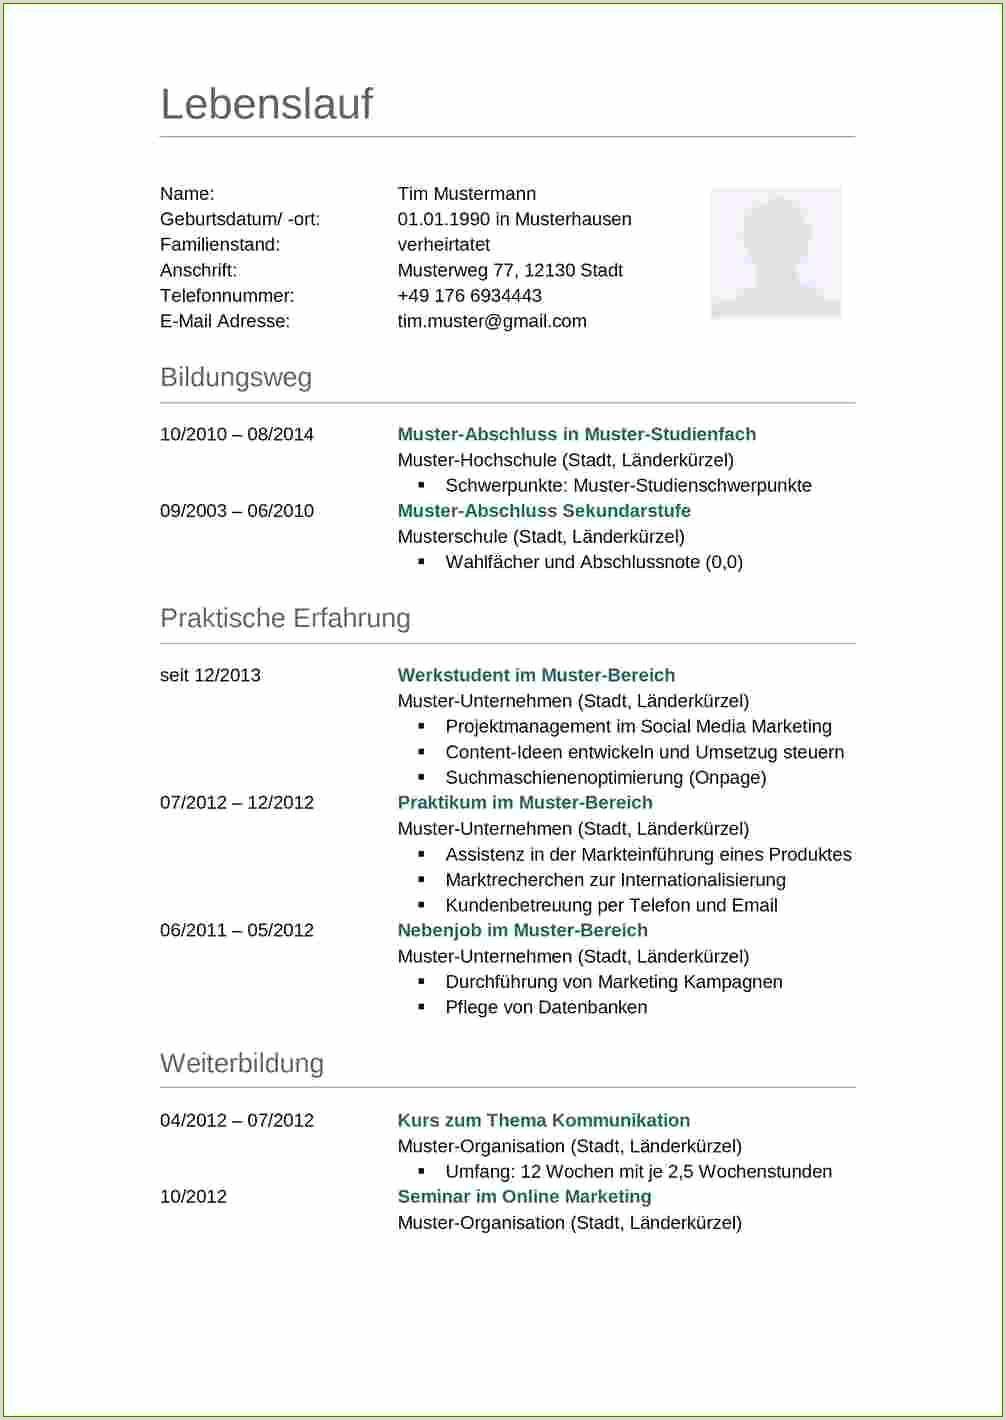 Lebenslauf Luxemburg Muster Fraktion Rtk Lebenslauf Vorlage Pages